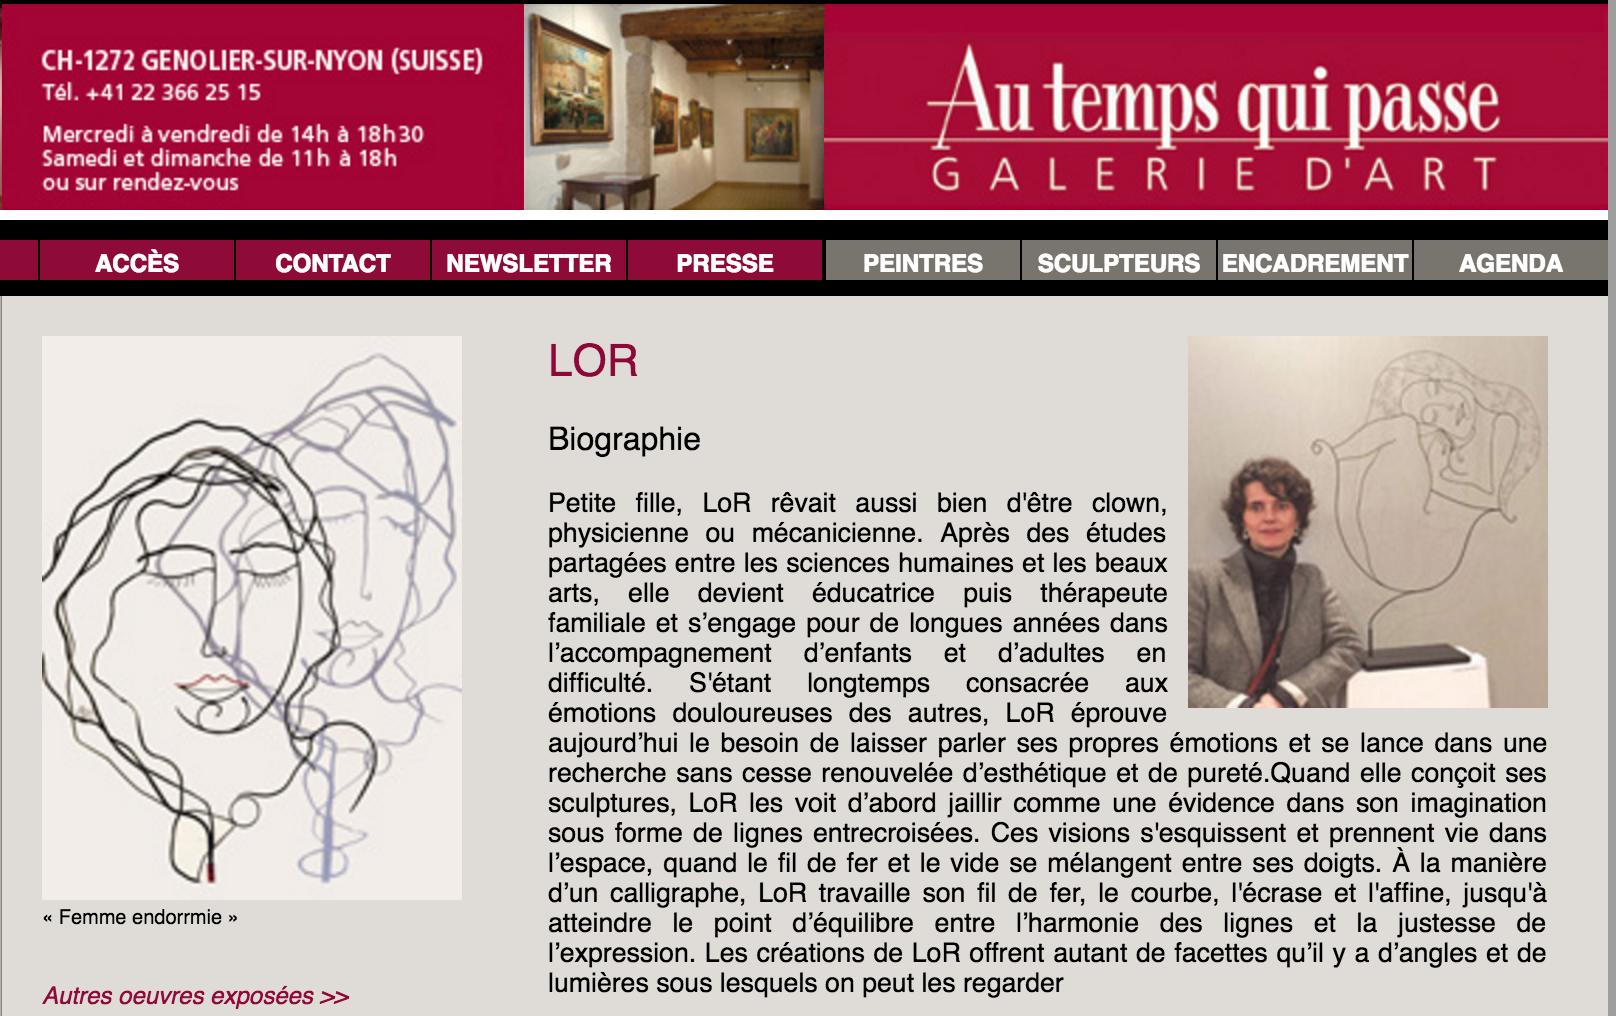 galerie suisse au temps qui passe lor laure simoneau exposition sculpture fil de fer wire